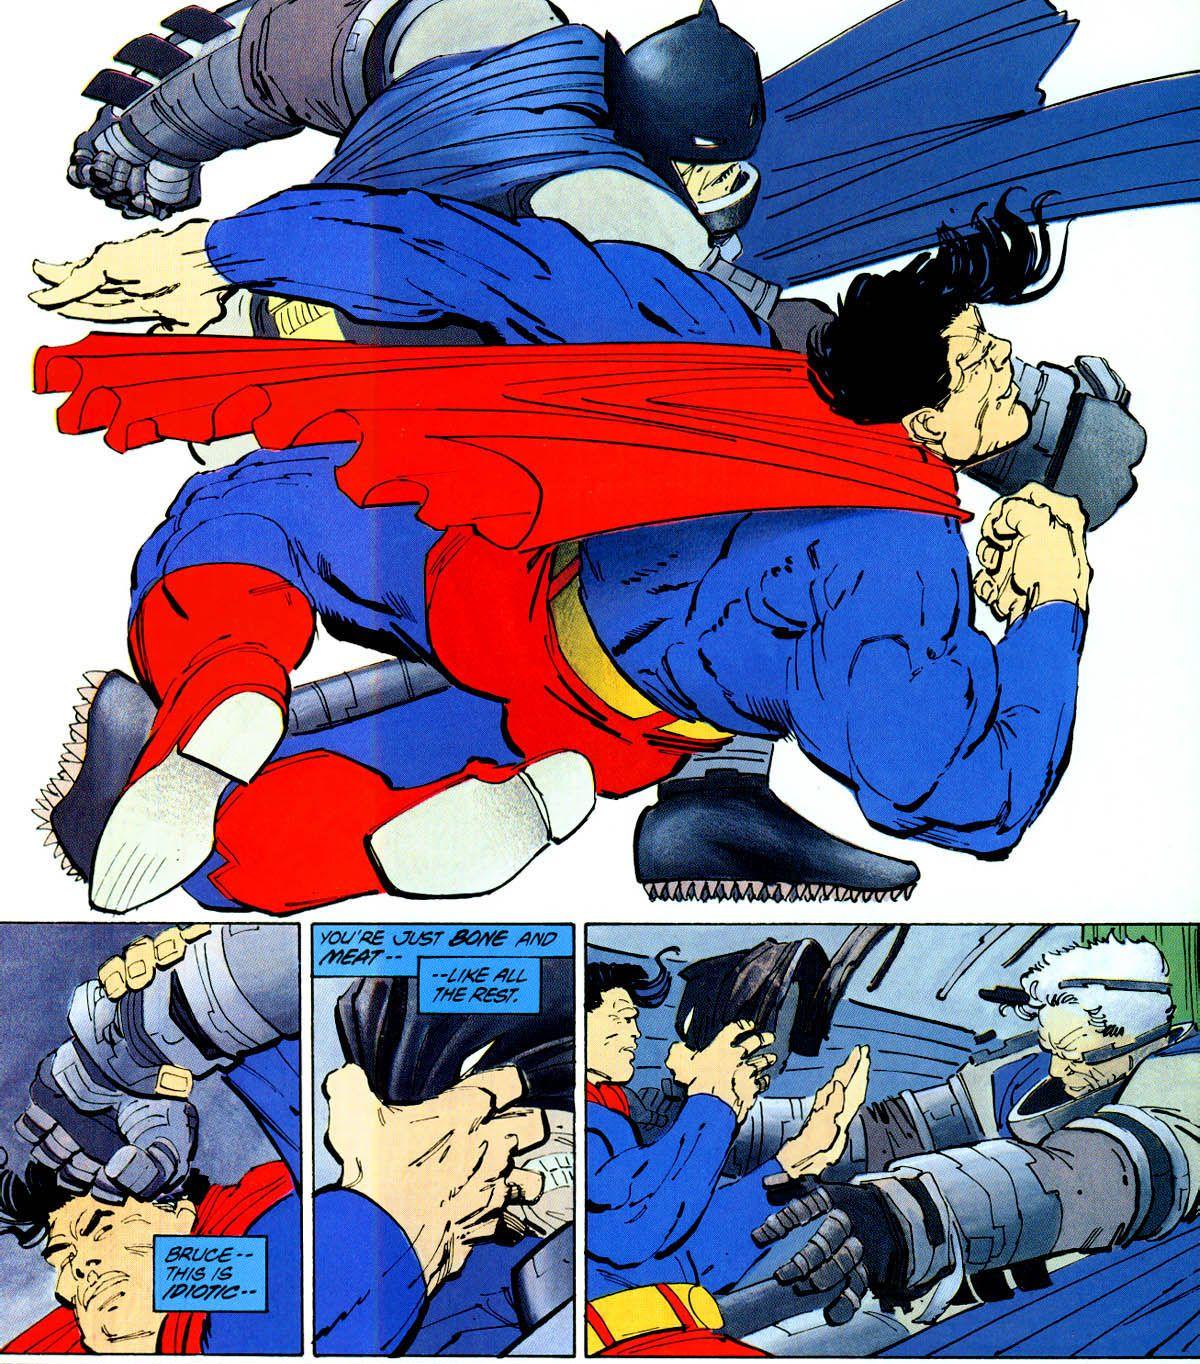 """Íñigo Rodríguez on Twitter: """"Llegamos al momento, a Batman vs Superman. Sacado directamente del final de The Dark Knight Returns de Frank Miller. Snyder leyó esa obra maestra y se flipó. Normal."""